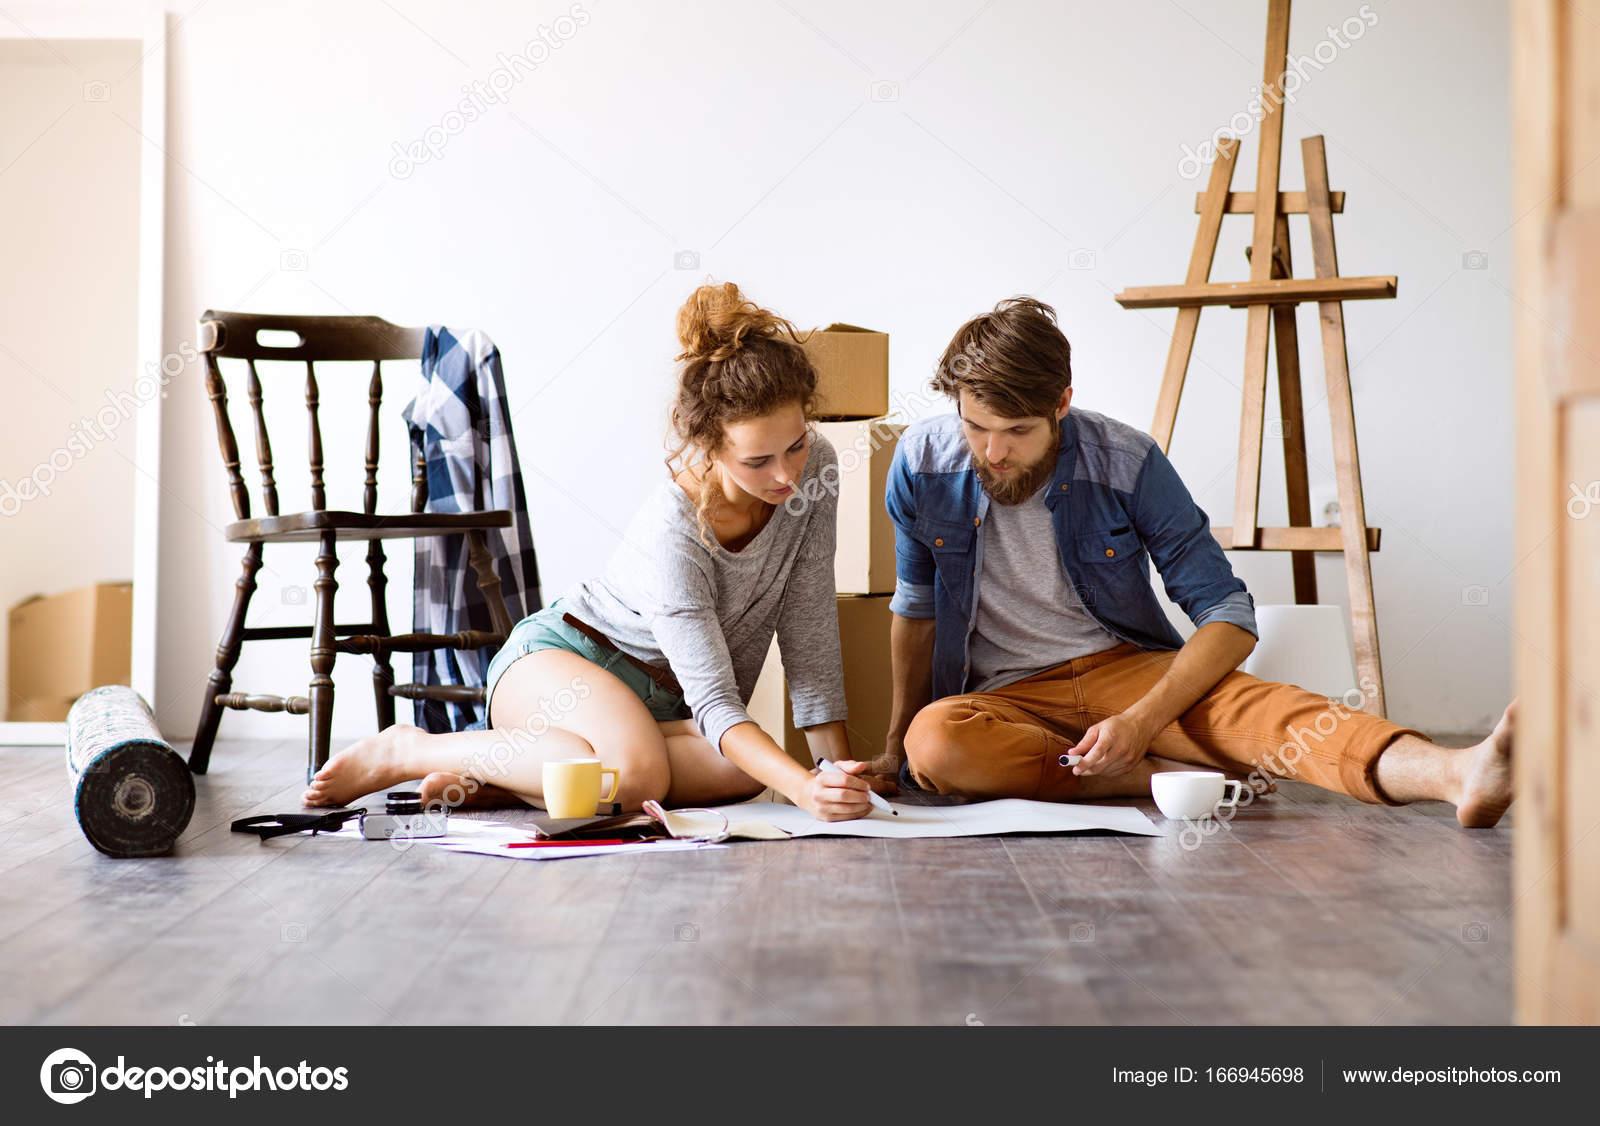 Junges Paar Umzug in neues Haus, Sachen auspacken — Stockfoto ...